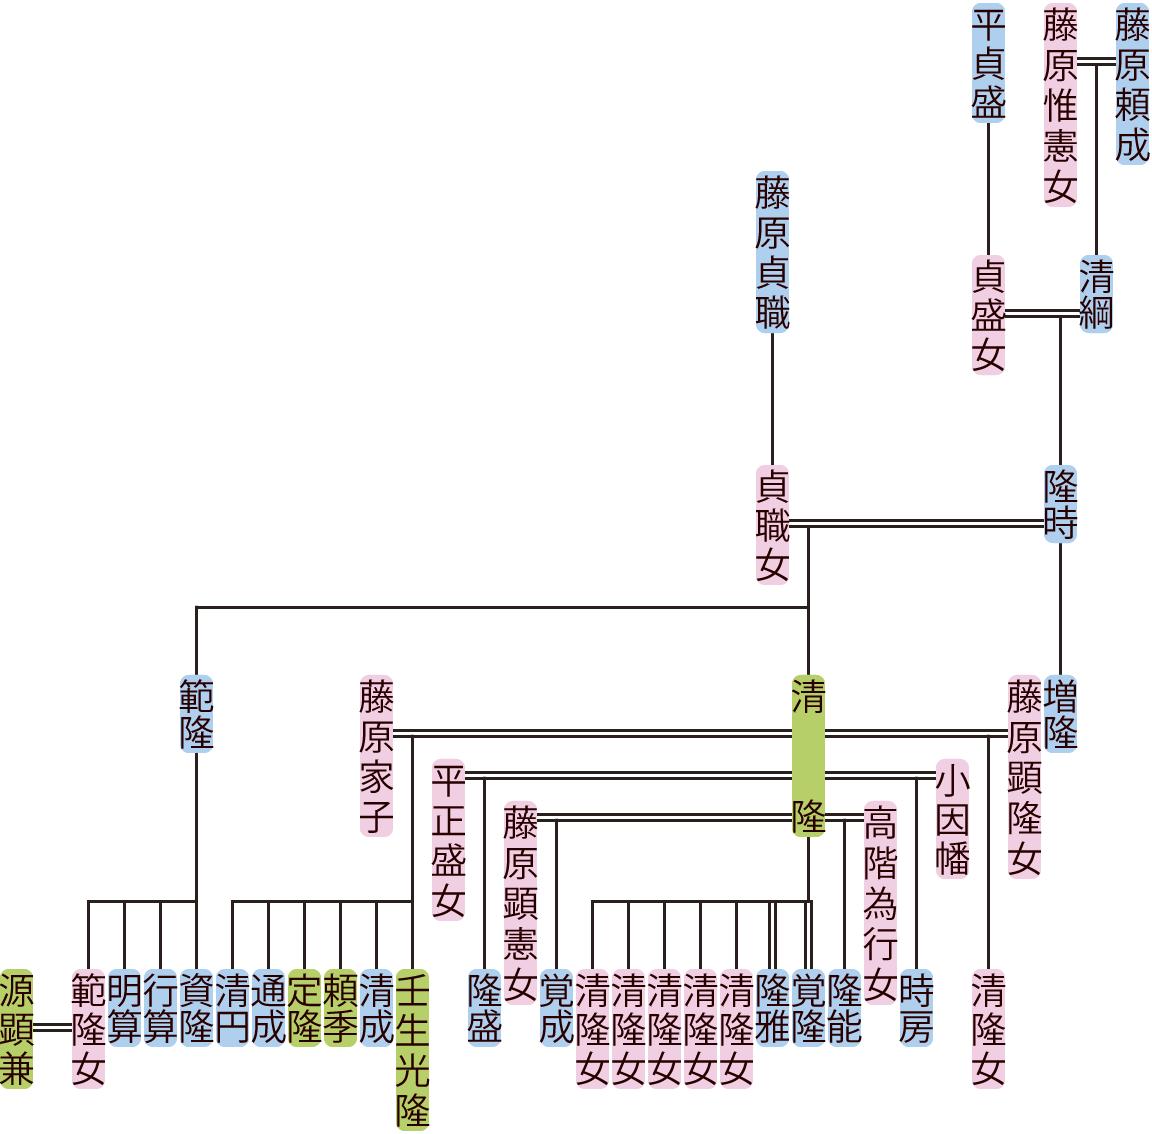 藤原隆時の系図